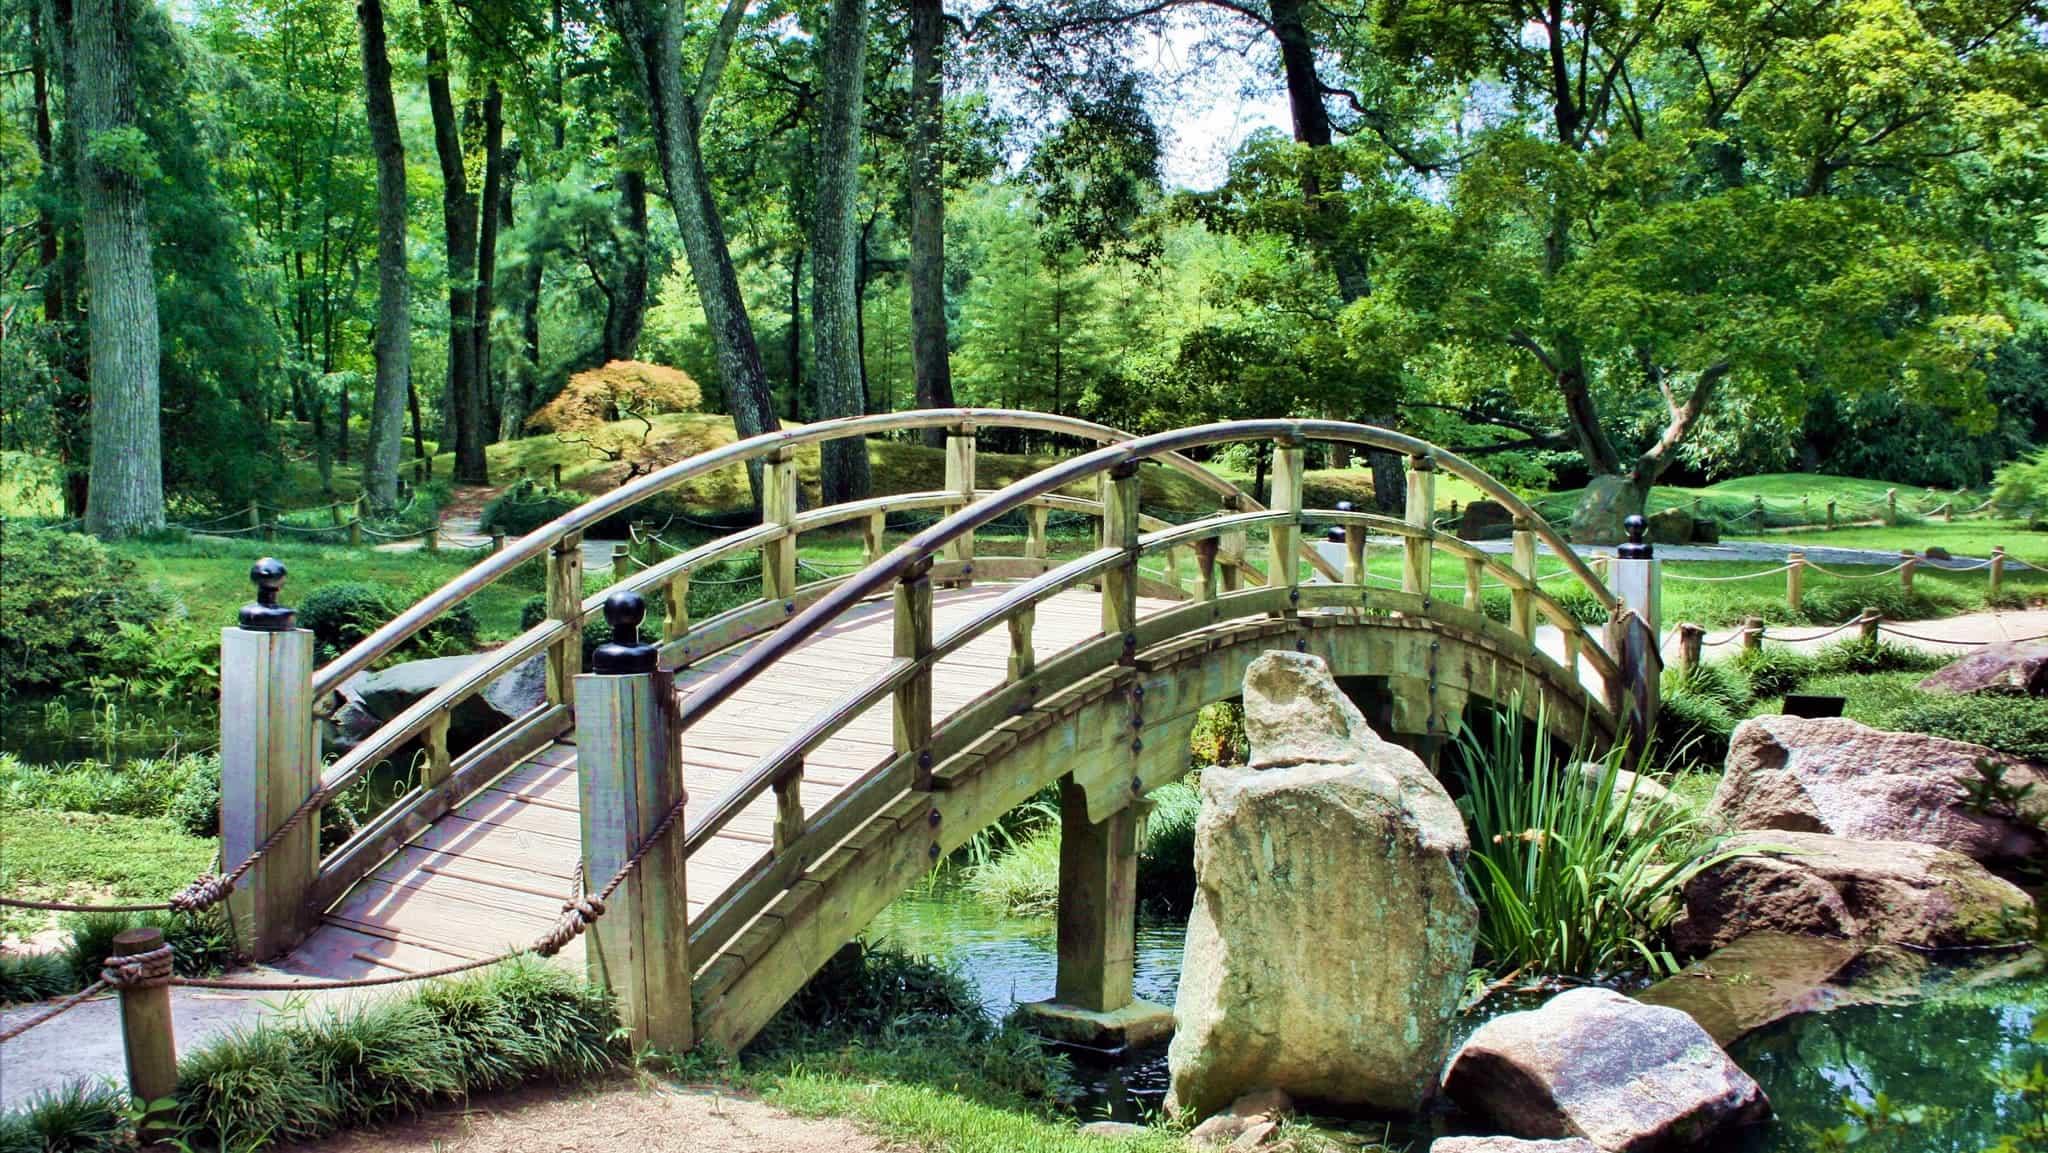 Plush, Wonderful Winery Gardens Adorn Many Wineries Around Healdsburg